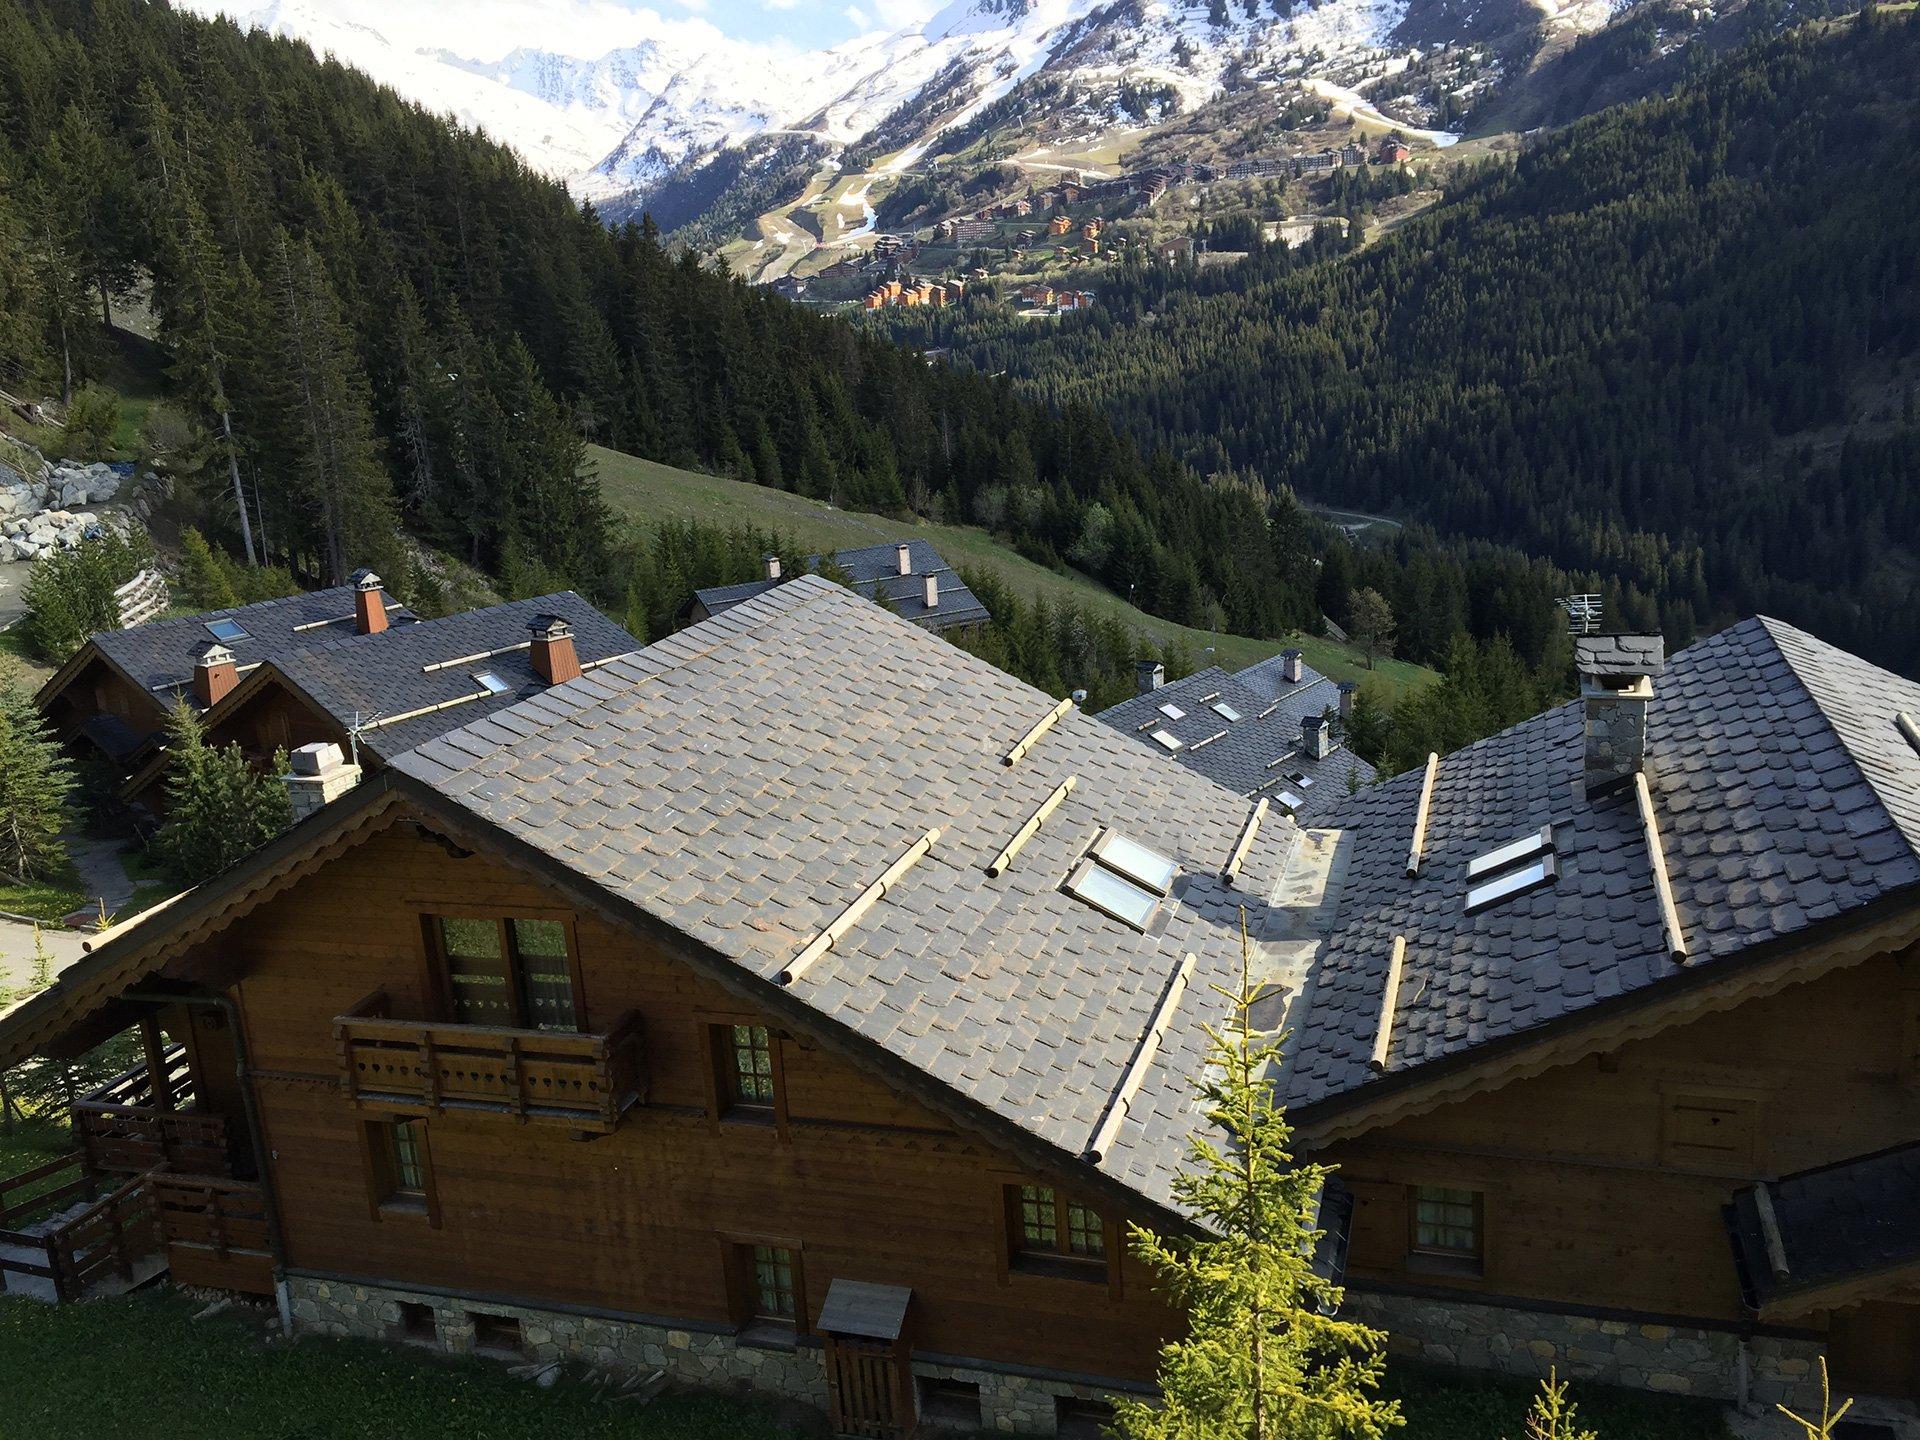 Toiture de chalet bois à Chambéry (73 Savoie)